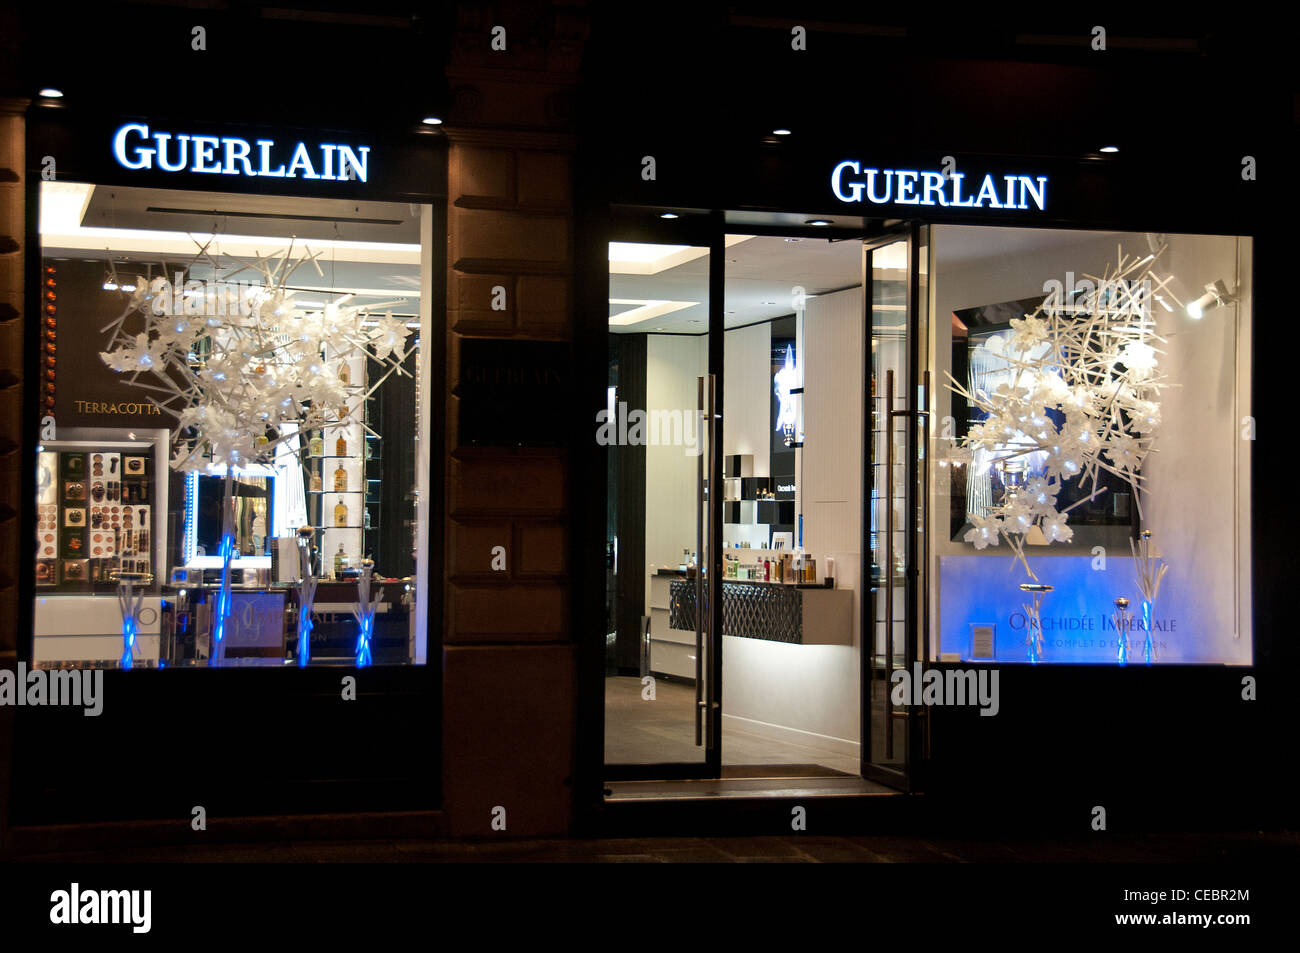 Guerlain perfume Paris Rue Faubourg Saint Honoré France - Stock Image